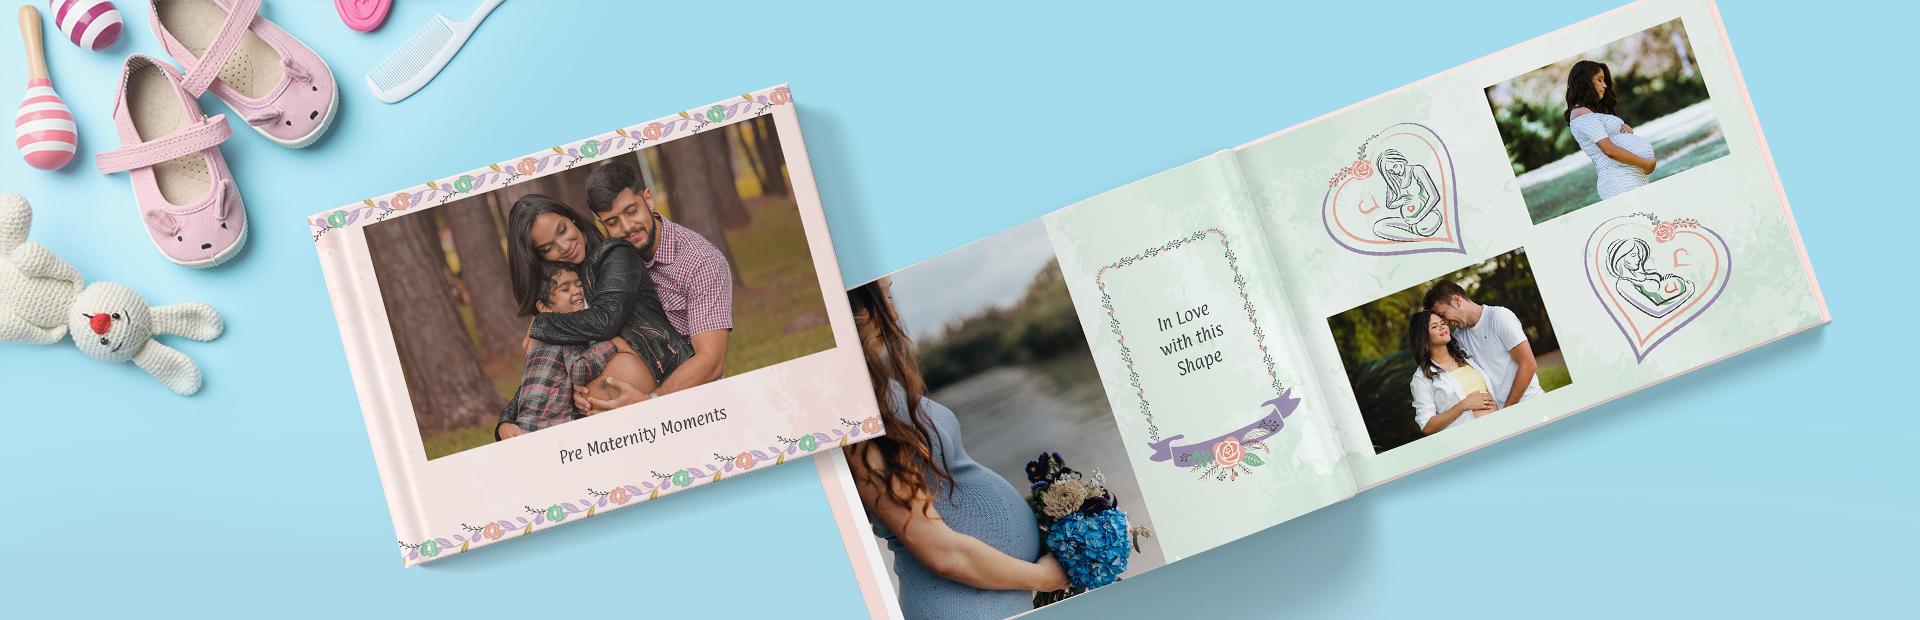 Baby Shower Photo Books